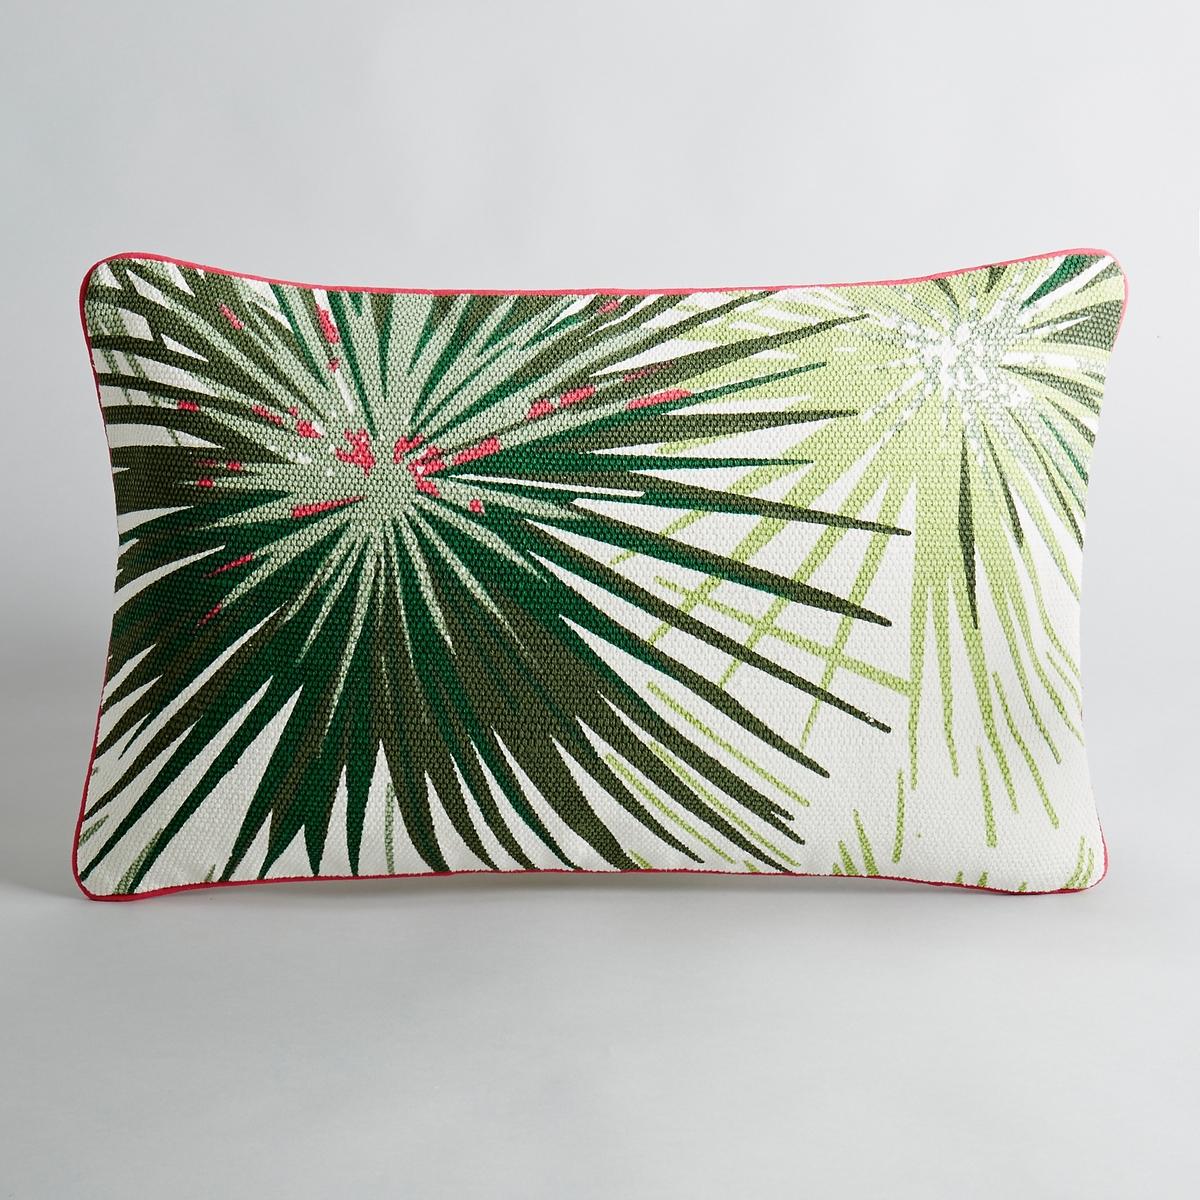 Чехол на подушку Saskia, прямоугольная модель